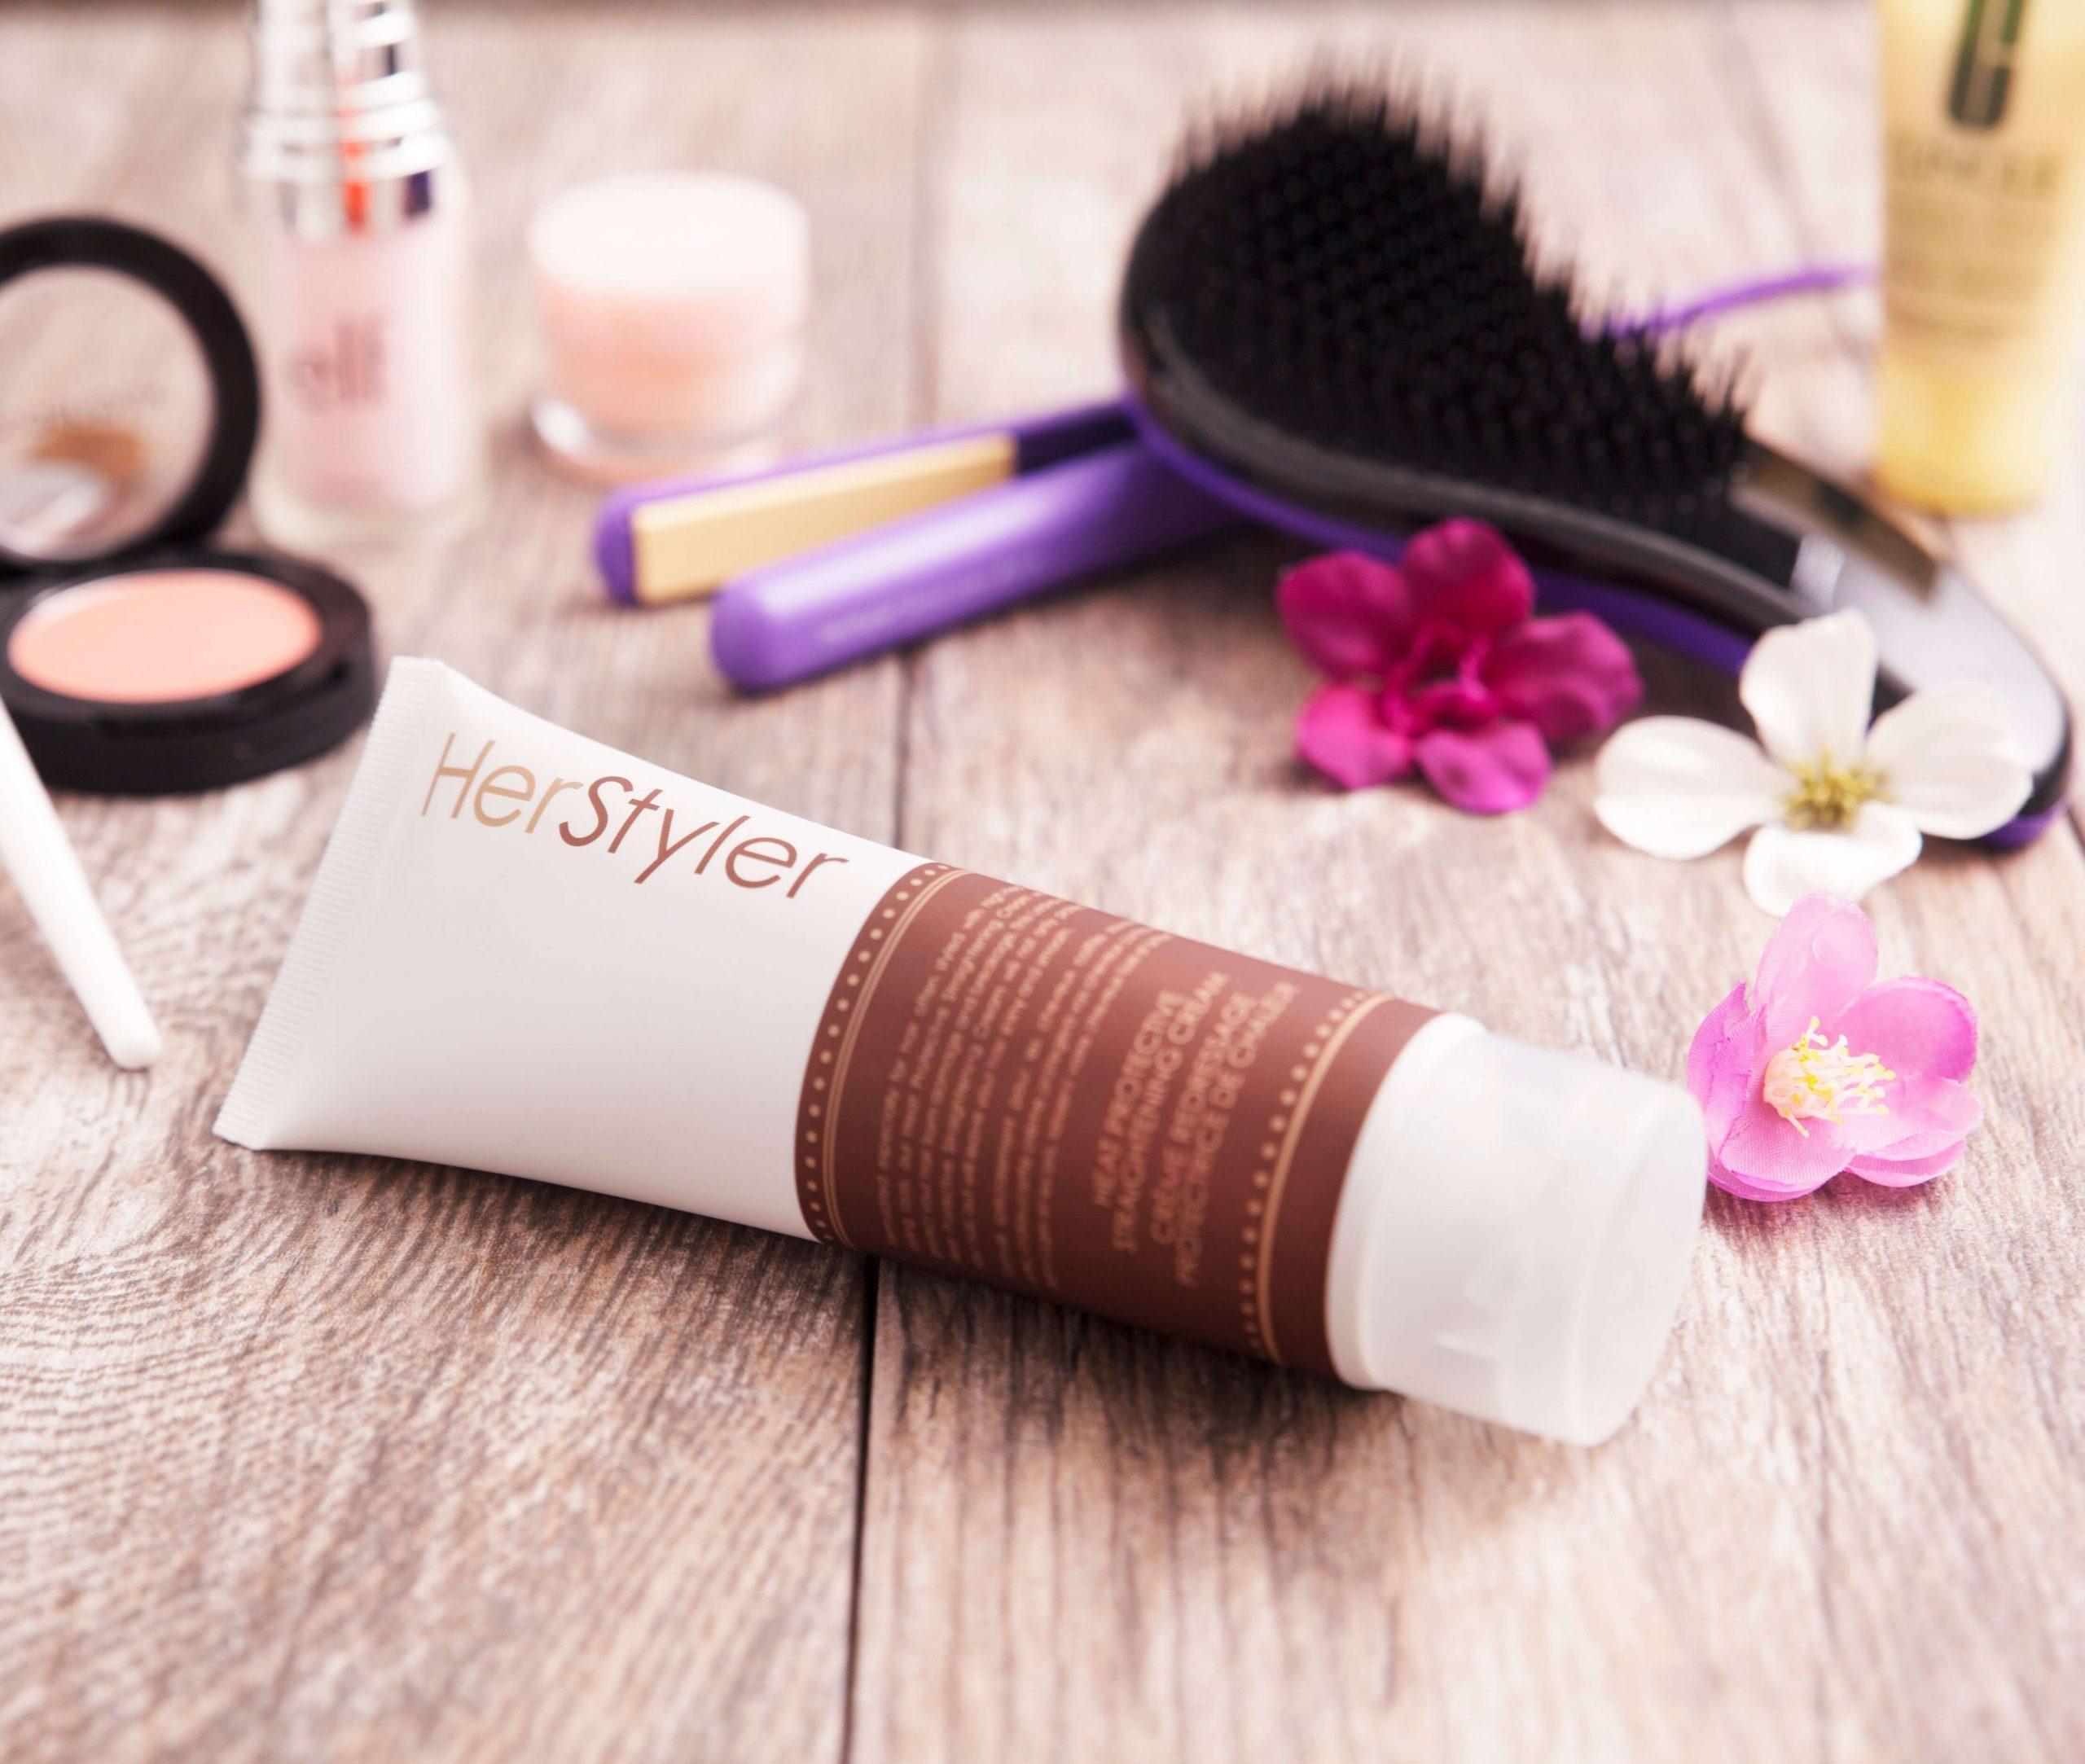 Herstyler hair styler protectant cream